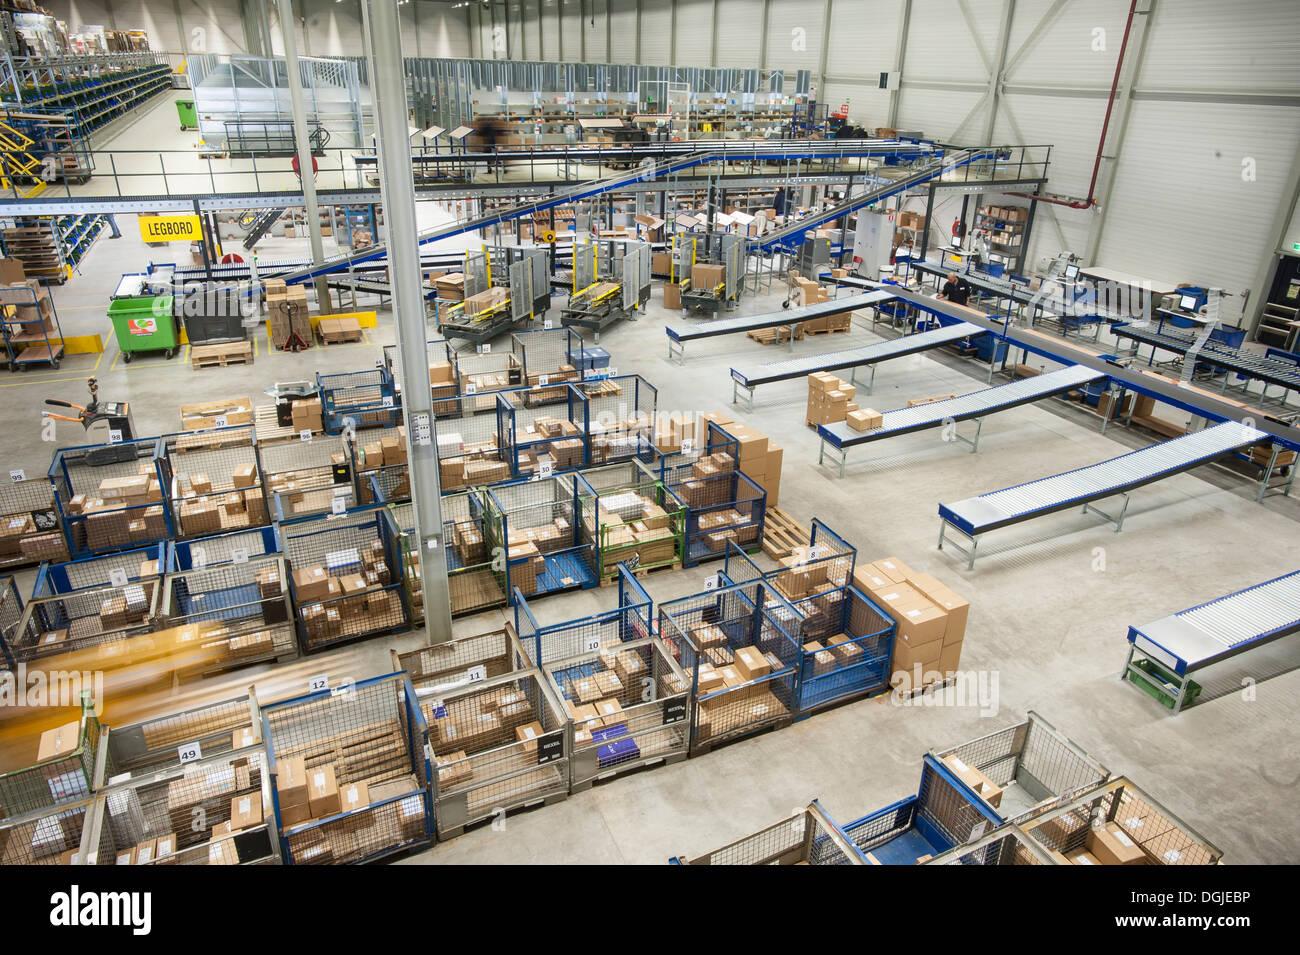 L'assemblage de commandes en entrepôt de distribution Photo Stock